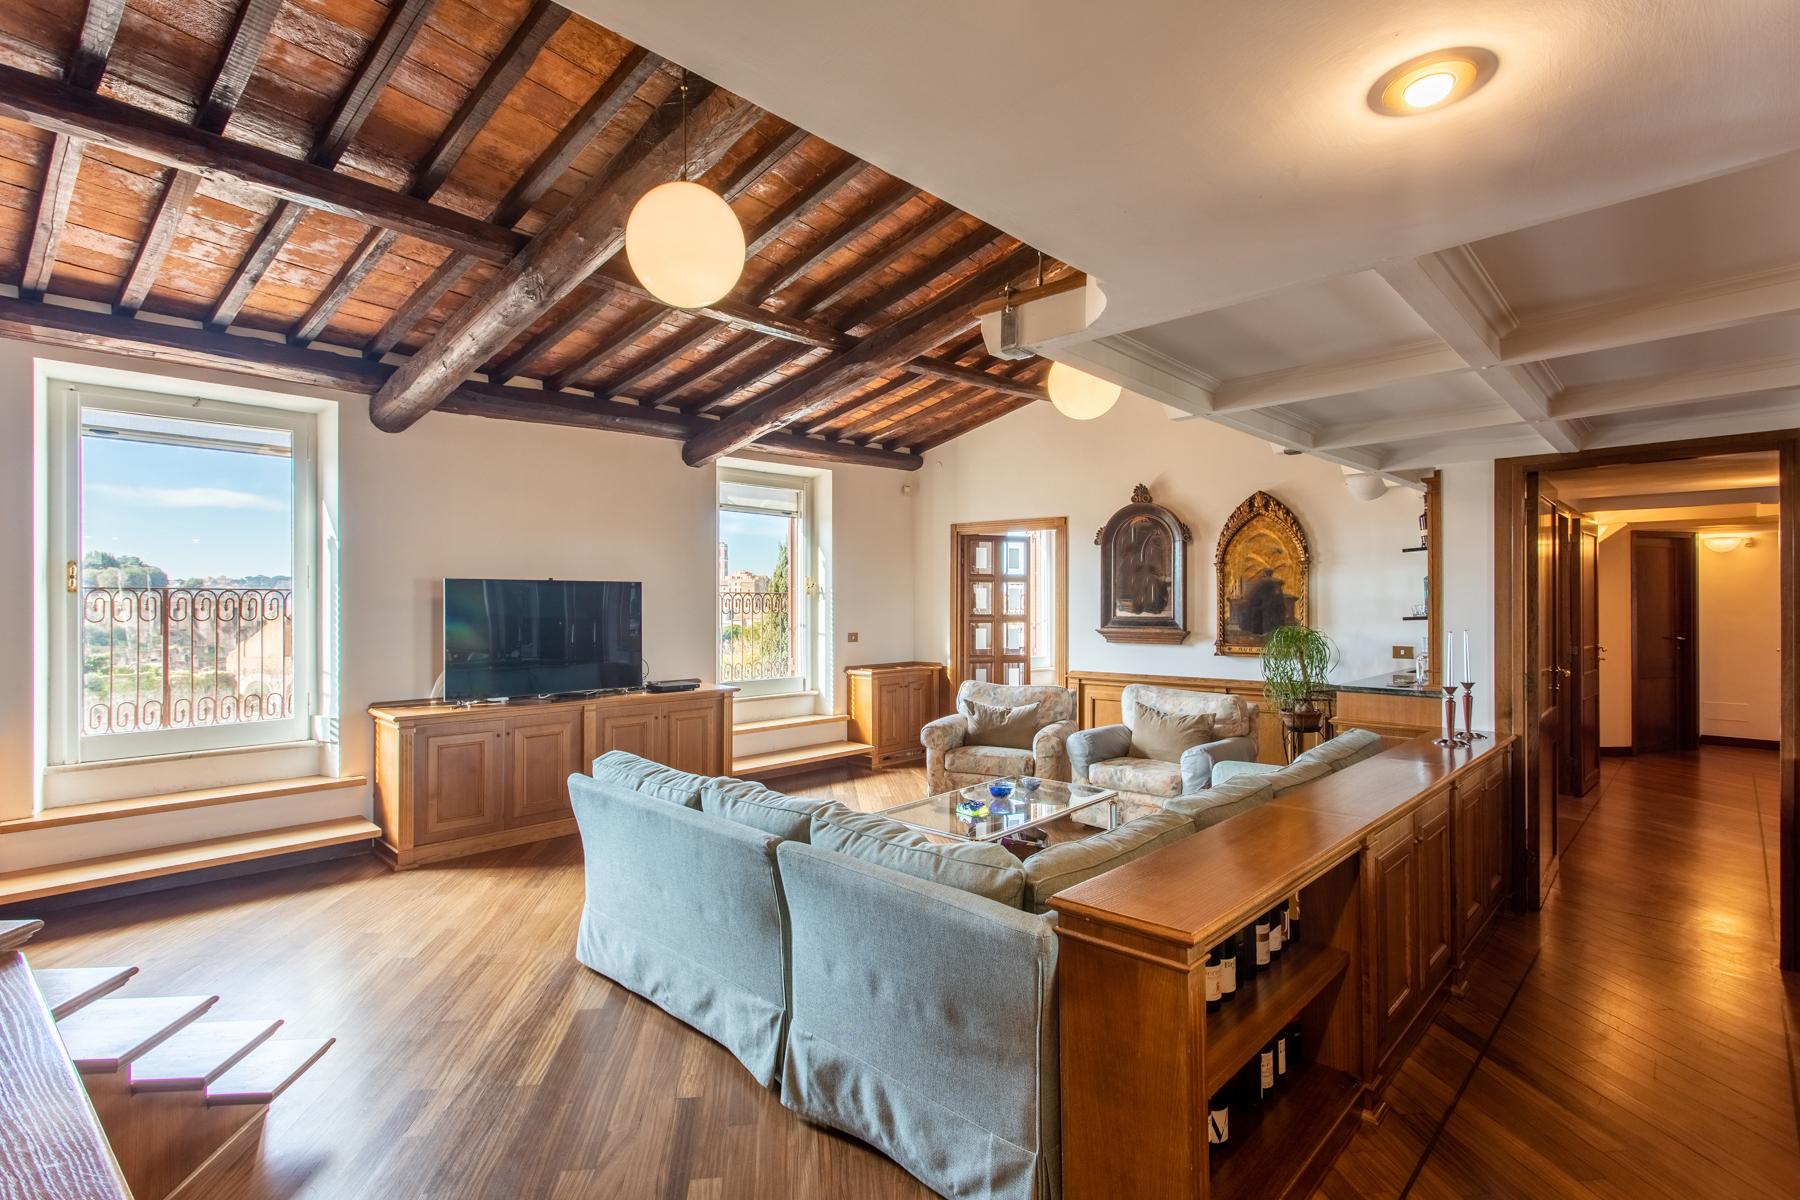 Immobili di lusso a roma trovocasa pregio for Appartamenti arredati in affitto a roma